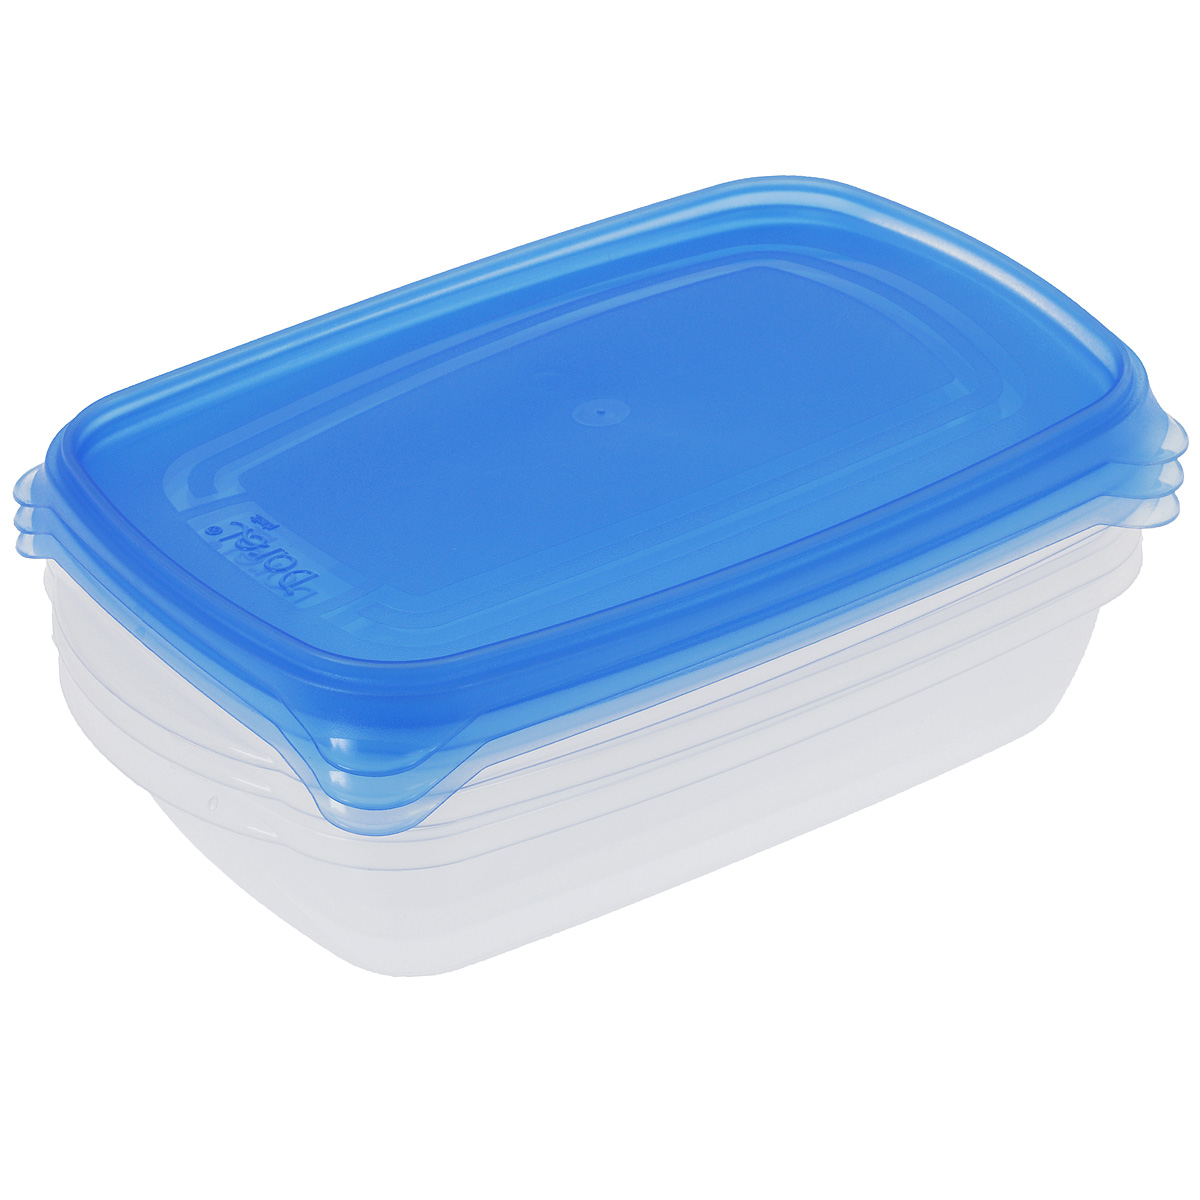 Набор контейнеров Darel, цвет: синий, 700 мл, 3 штVT-1520(SR)Набор Darel состоит из трех прямоугольных контейнеров. Изделия выполнены из высококачественного пищевого полипропилена. Крышки легко открываются и плотно закрываются с помощью легкого щелчка.Подходят для хранения и транспортировки пищи. Складываются друг в друга, что экономит пространство при хранении в шкафу. Контейнеры подходят для использования в микроволновой печи без крышки, а также для заморозки в морозильной камере. Можно мыть в посудомоечной машине.